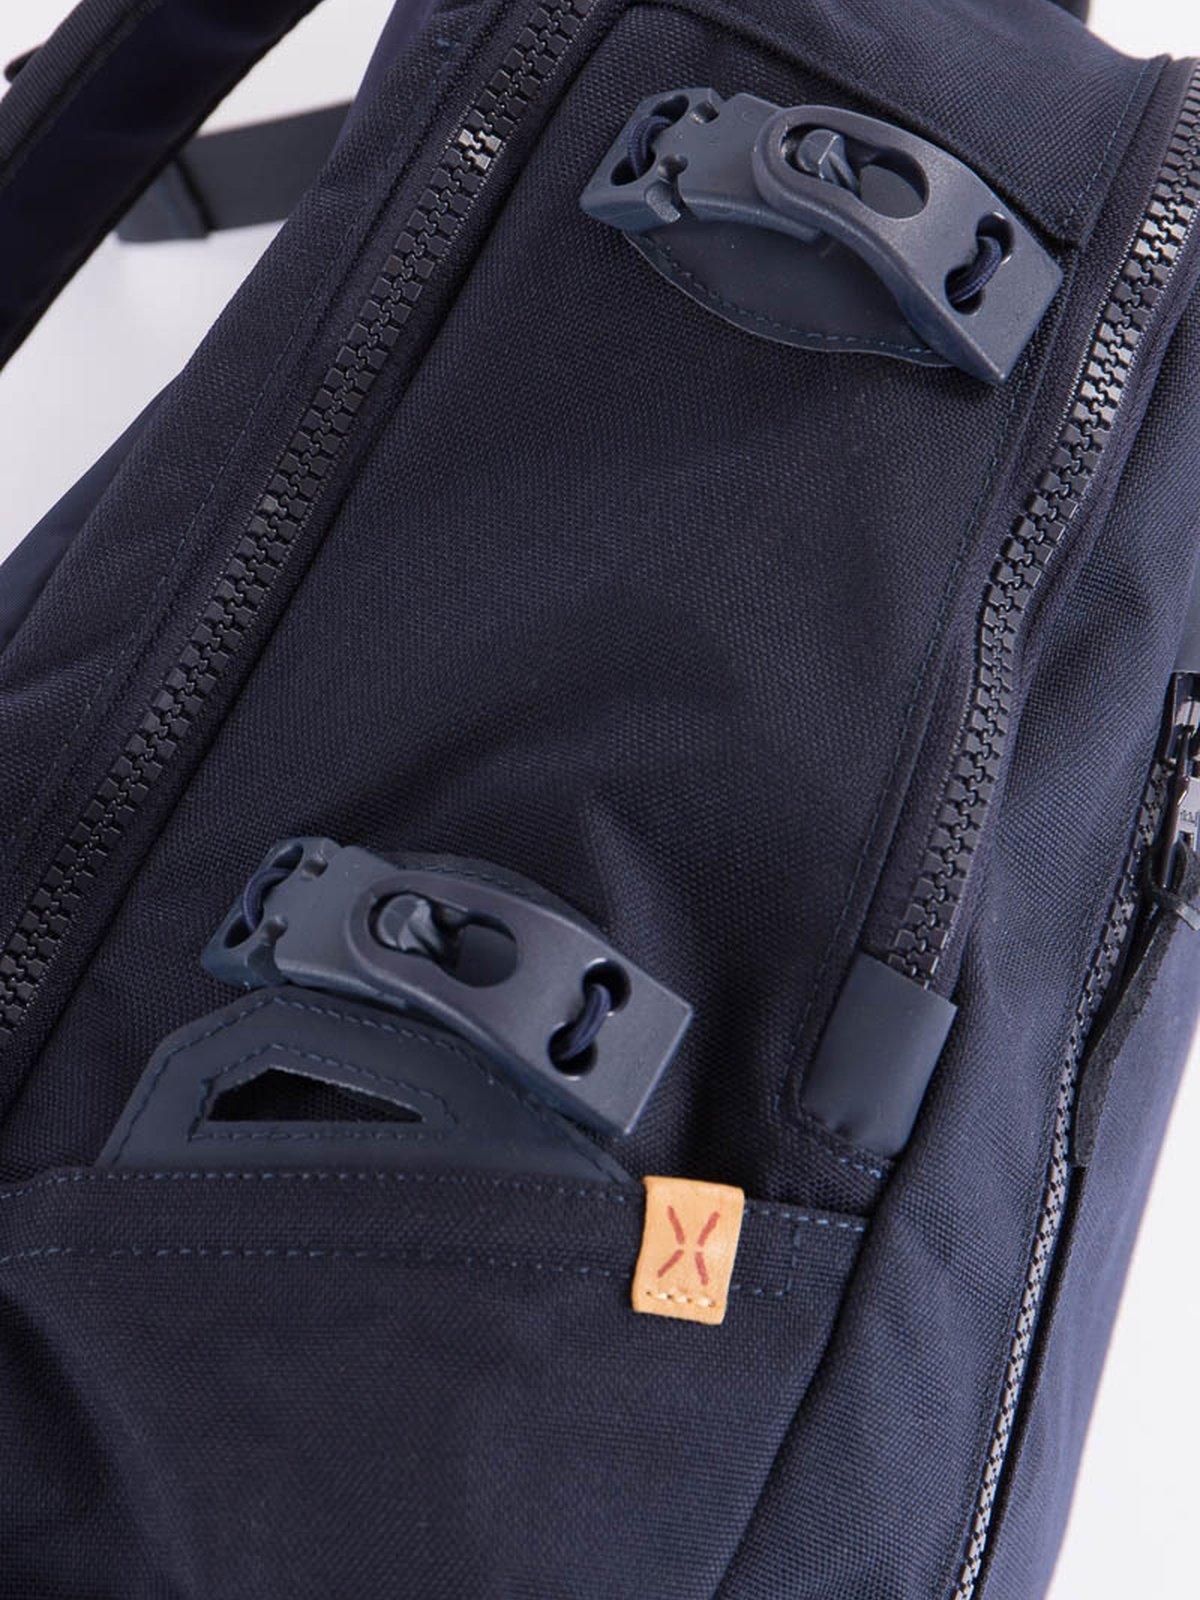 Navy 20L Ballistic Backpack - Image 3